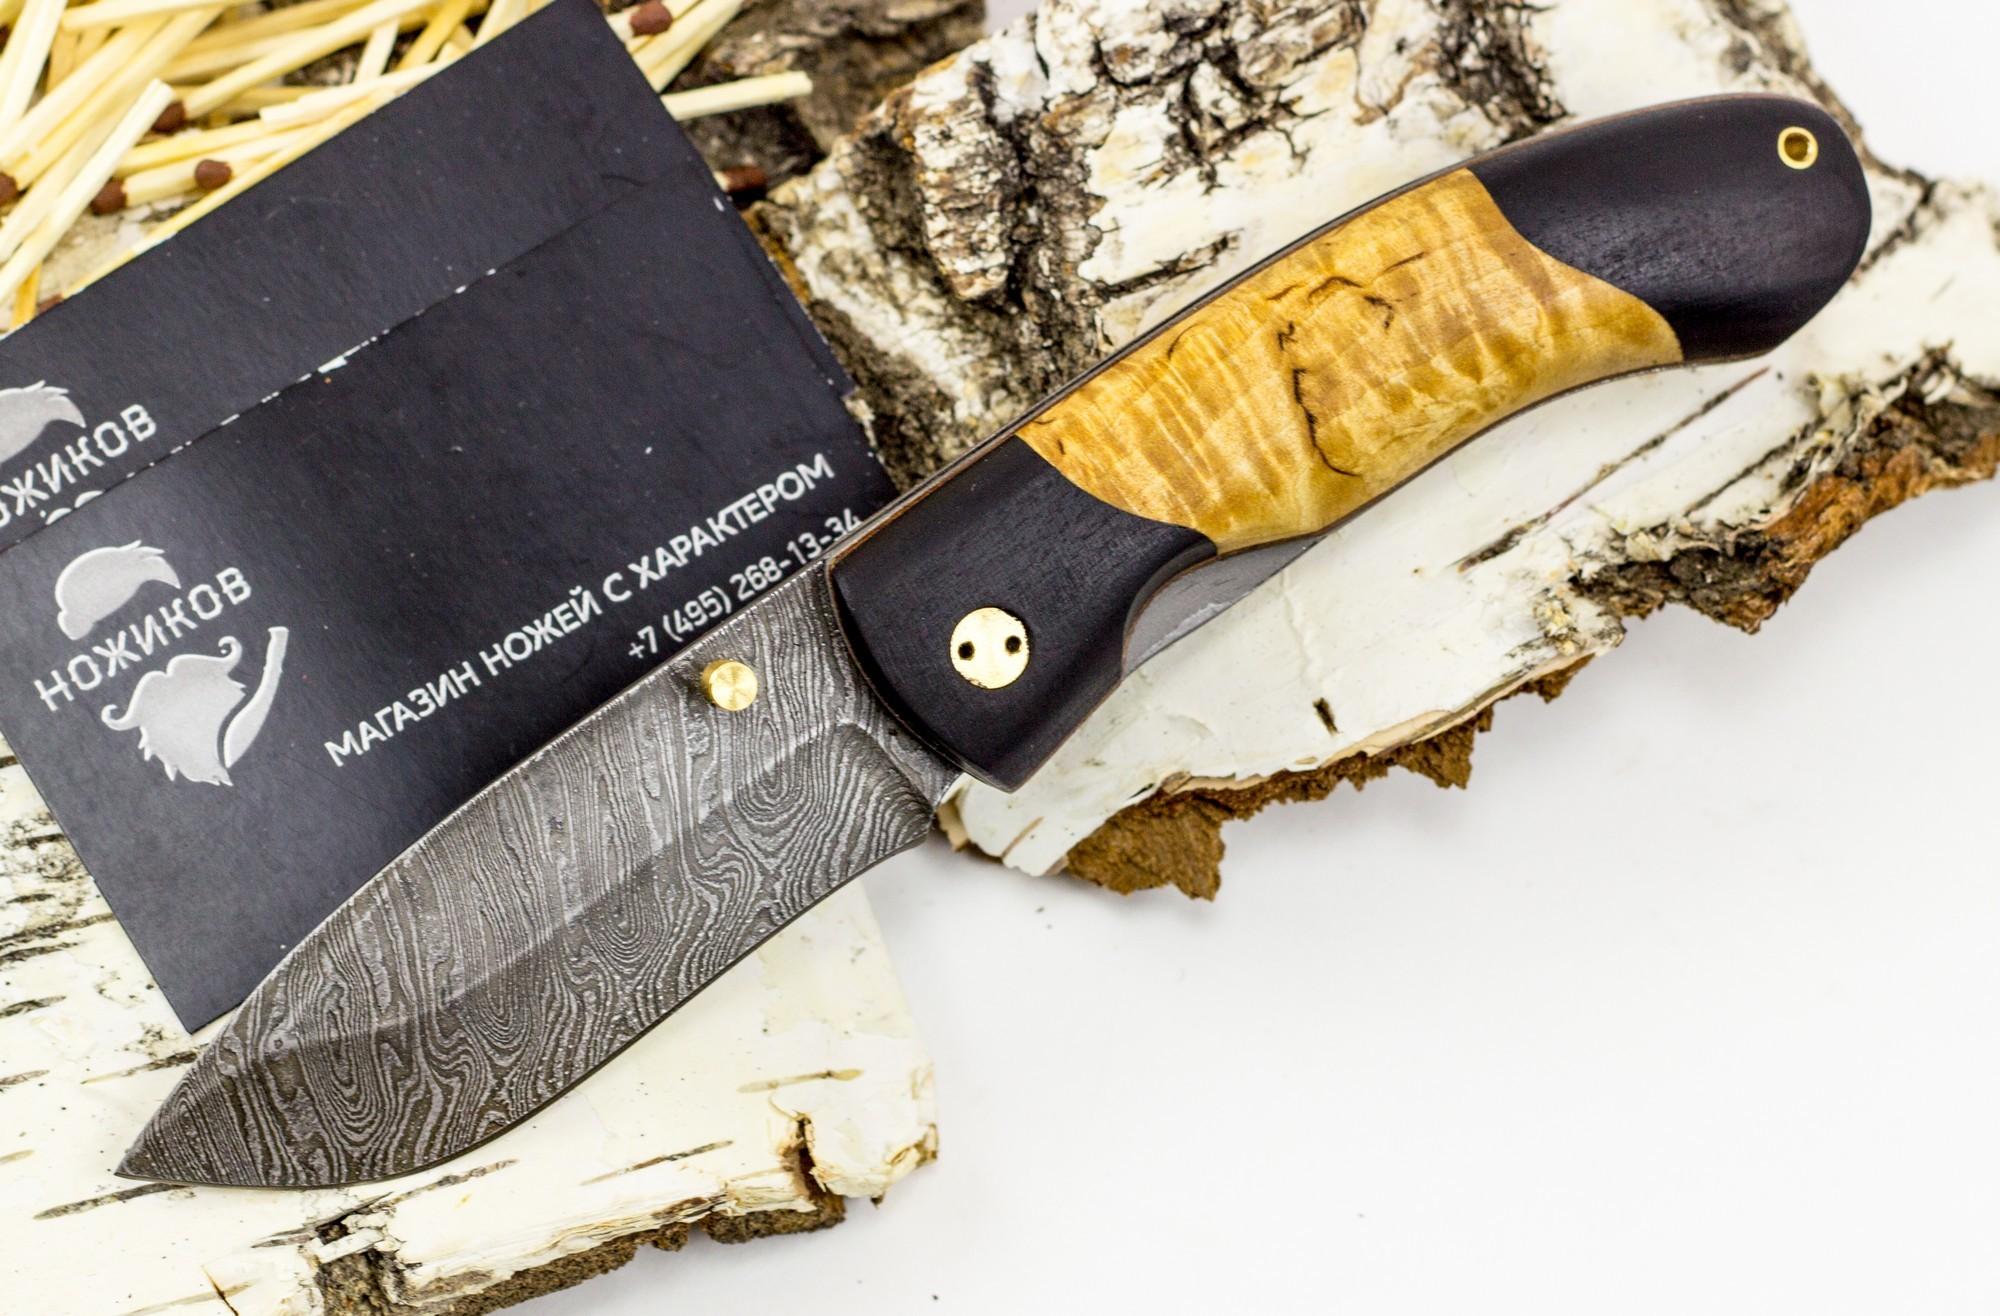 Нож складной Егерьский-2, дамаск, карельская березаРаскладные ножи<br><br>